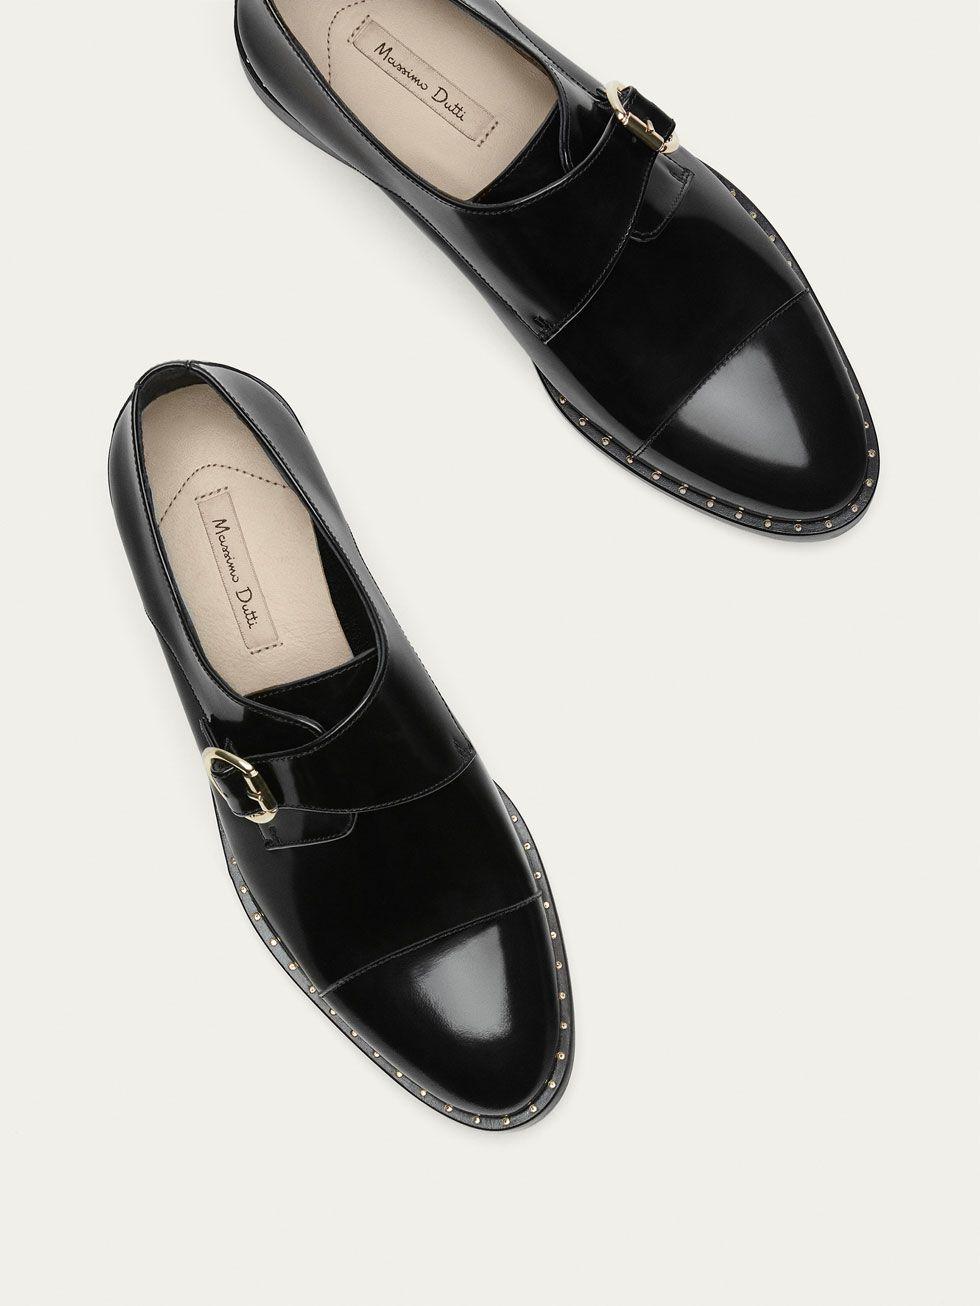 Spring Summer 2017 Women S Buckled Black Leather Shoes At Massimo Dutti For 32995 Effortless Elegance Schuhe Schwarzes Leder Schwarze Lederschuhe